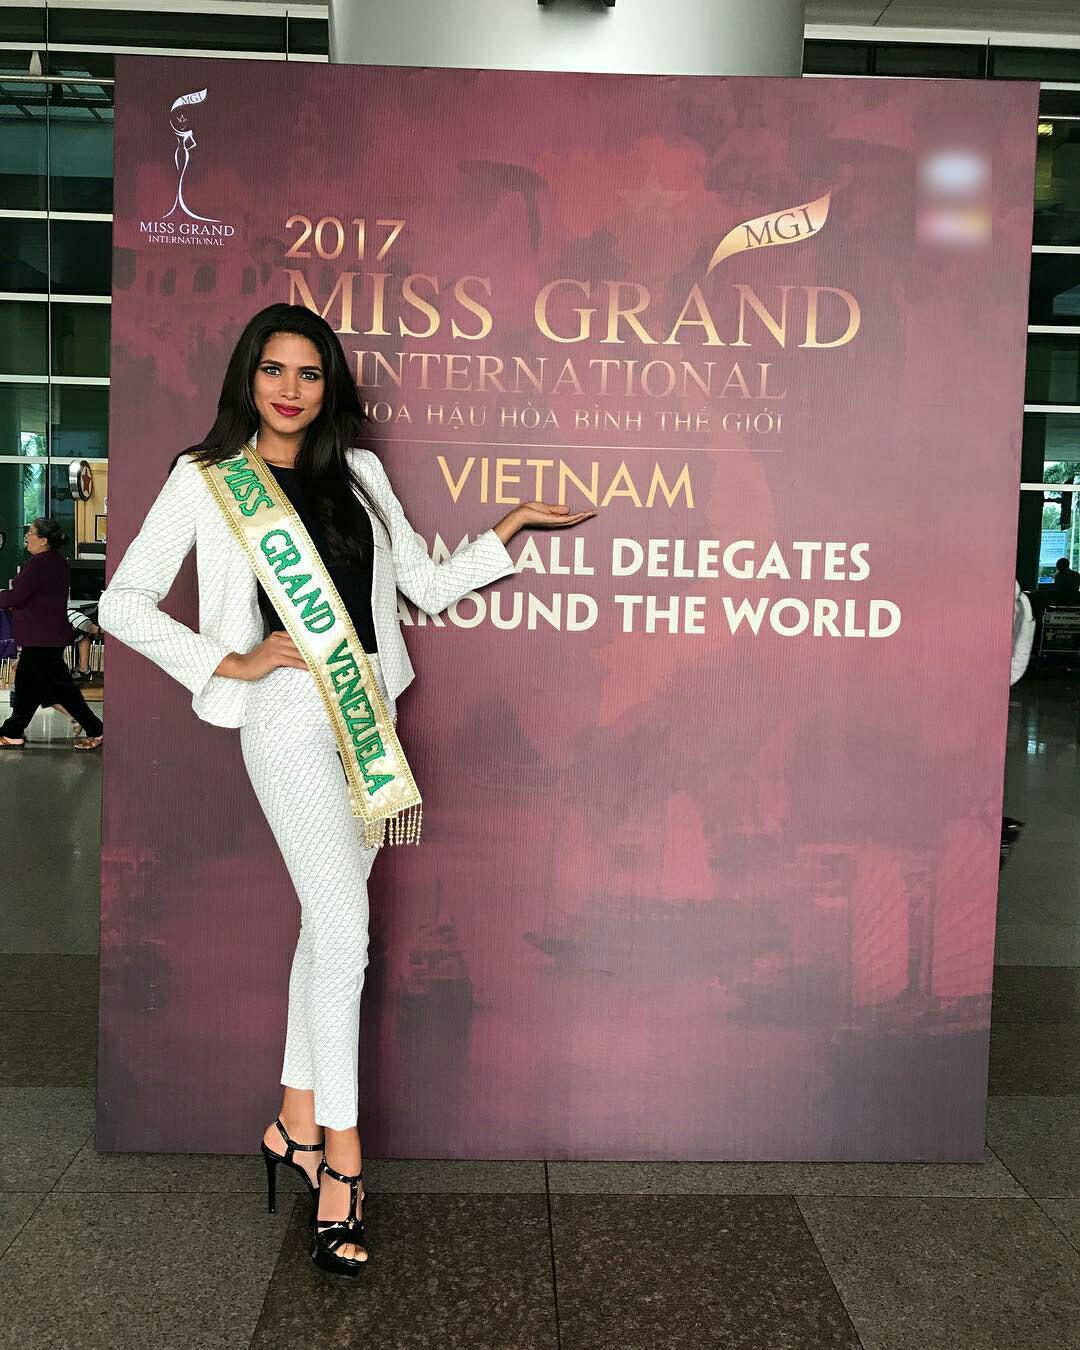 Lộ diện 5 ứng viên sáng nhất Miss Grand International 2017 dù cuộc chiến mới chỉ bắt đầu-2